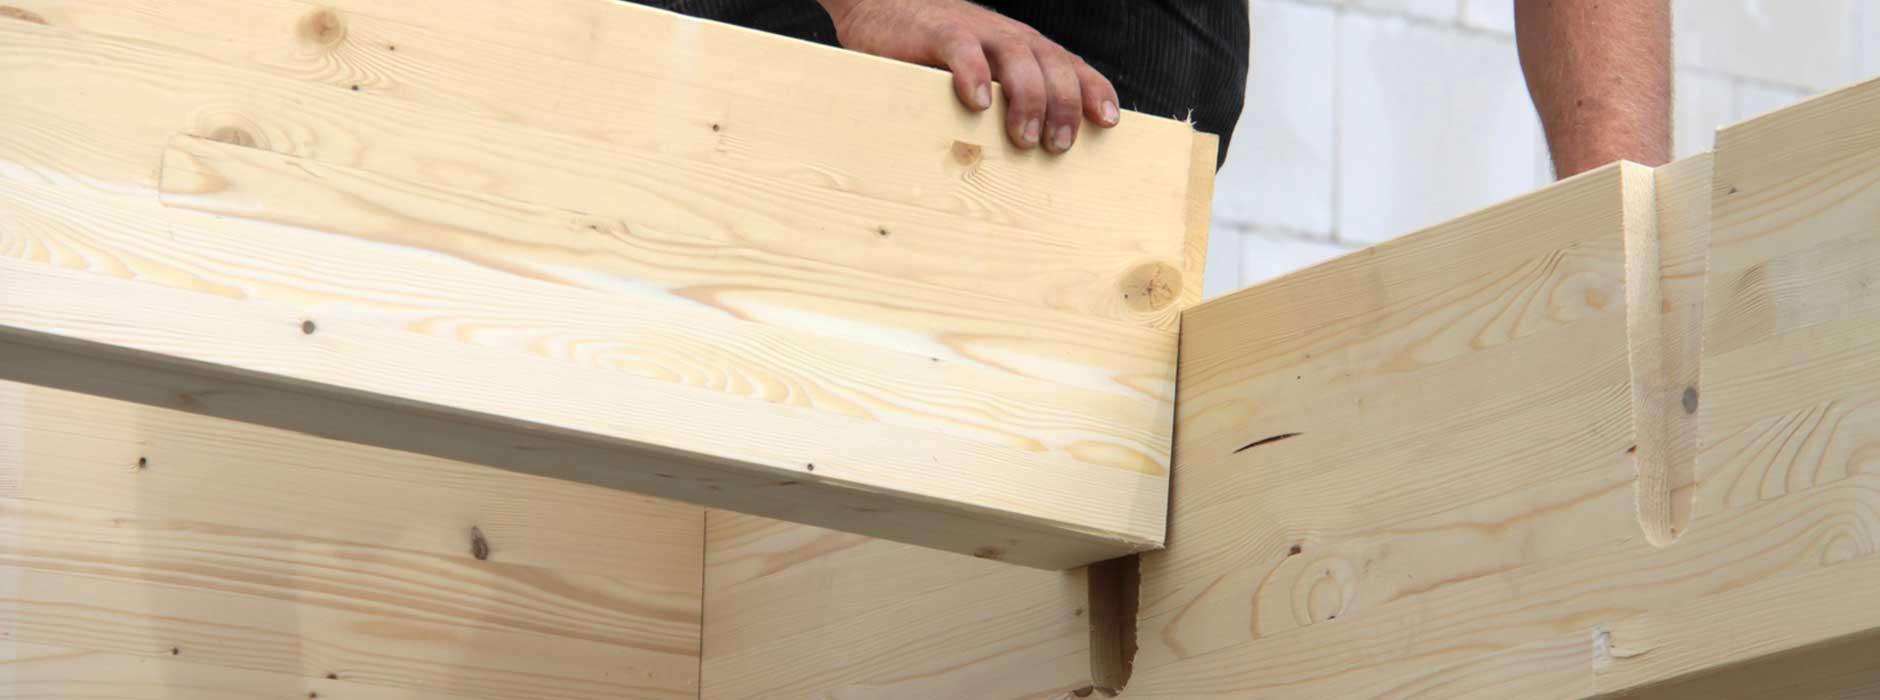 tipps und tricks f r die bearbeitung von holz ratgeber magazin tipps von. Black Bedroom Furniture Sets. Home Design Ideas